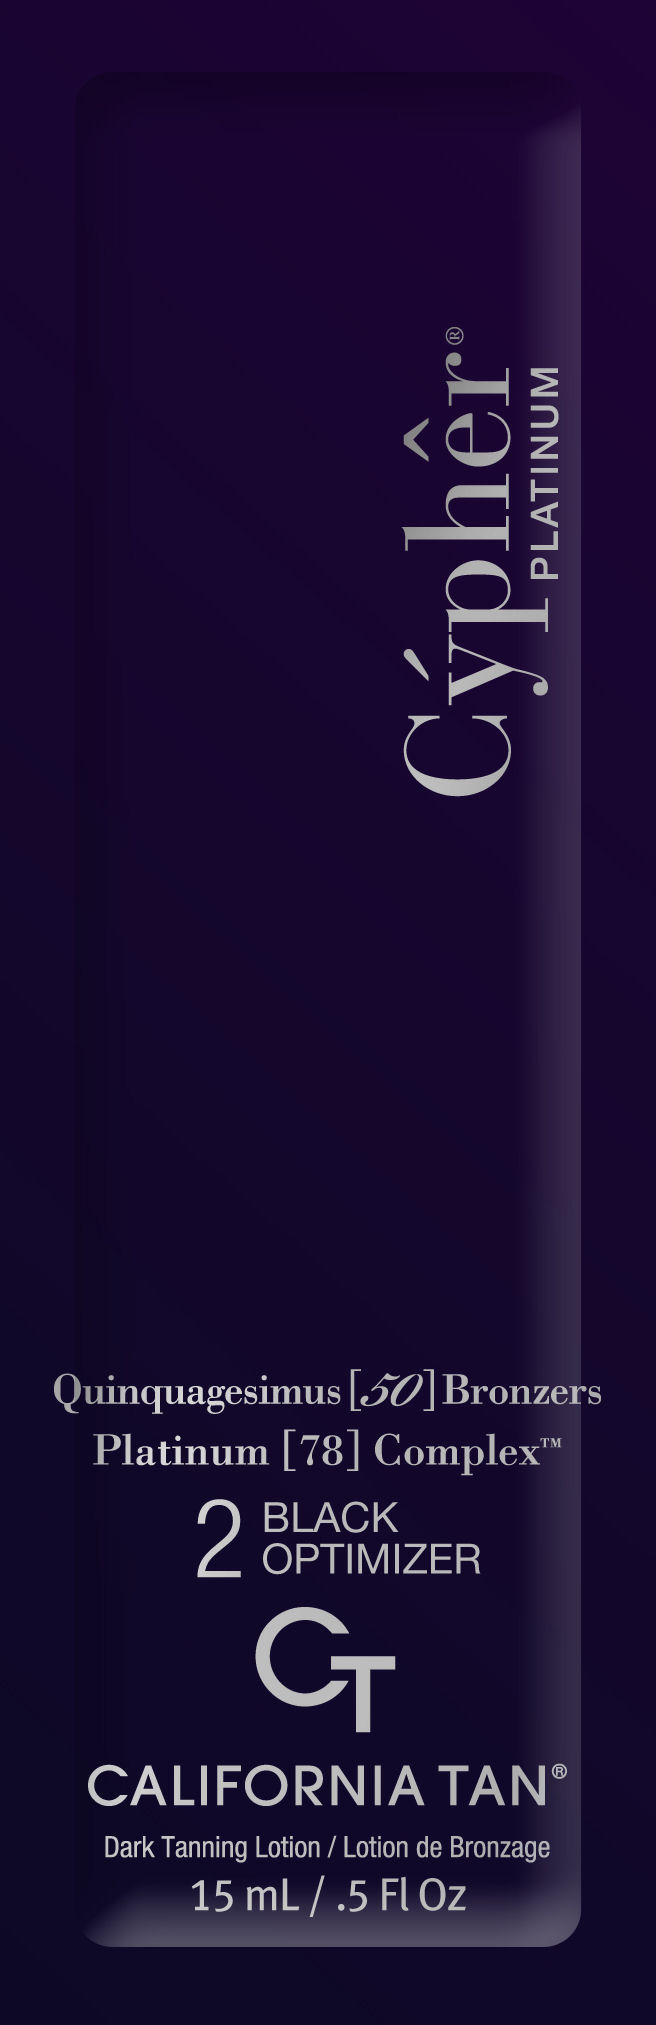 Cypher Platinum® Black Optimizer Step 2 Quinquagesimus 50 Bronzer Pkt